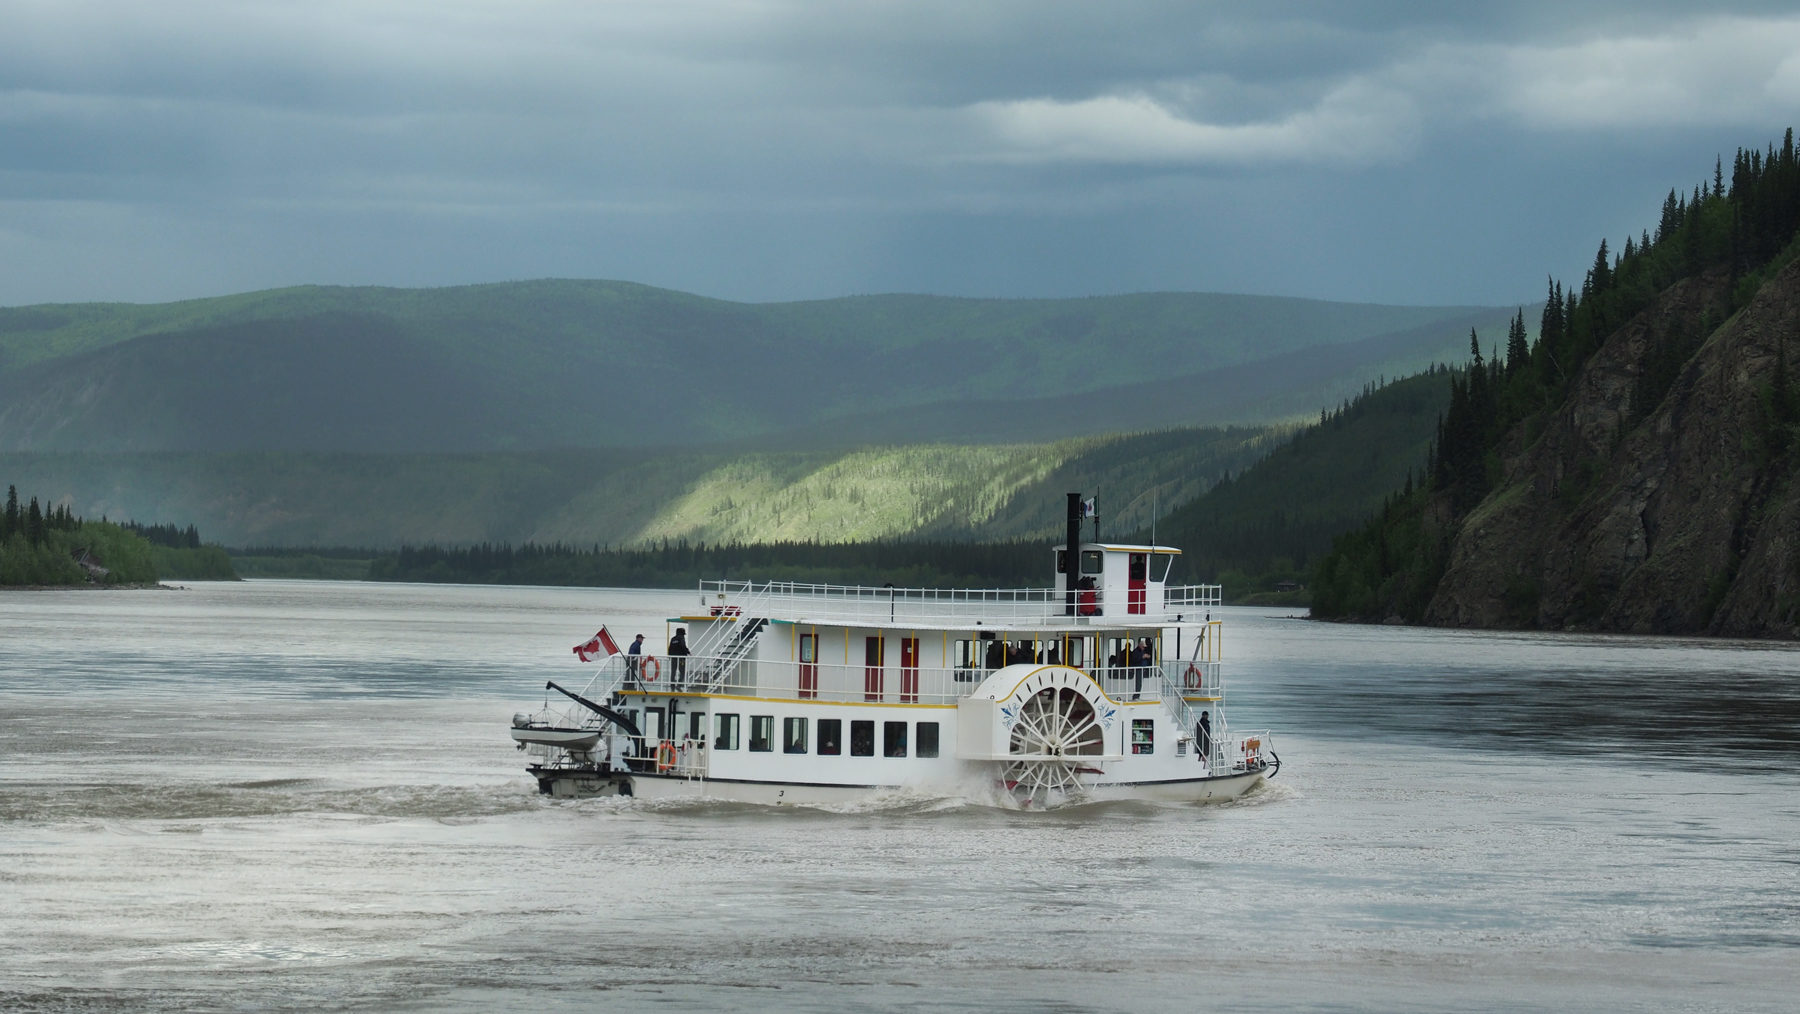 kleiner Ausflugsdampfer auf dem Yukon